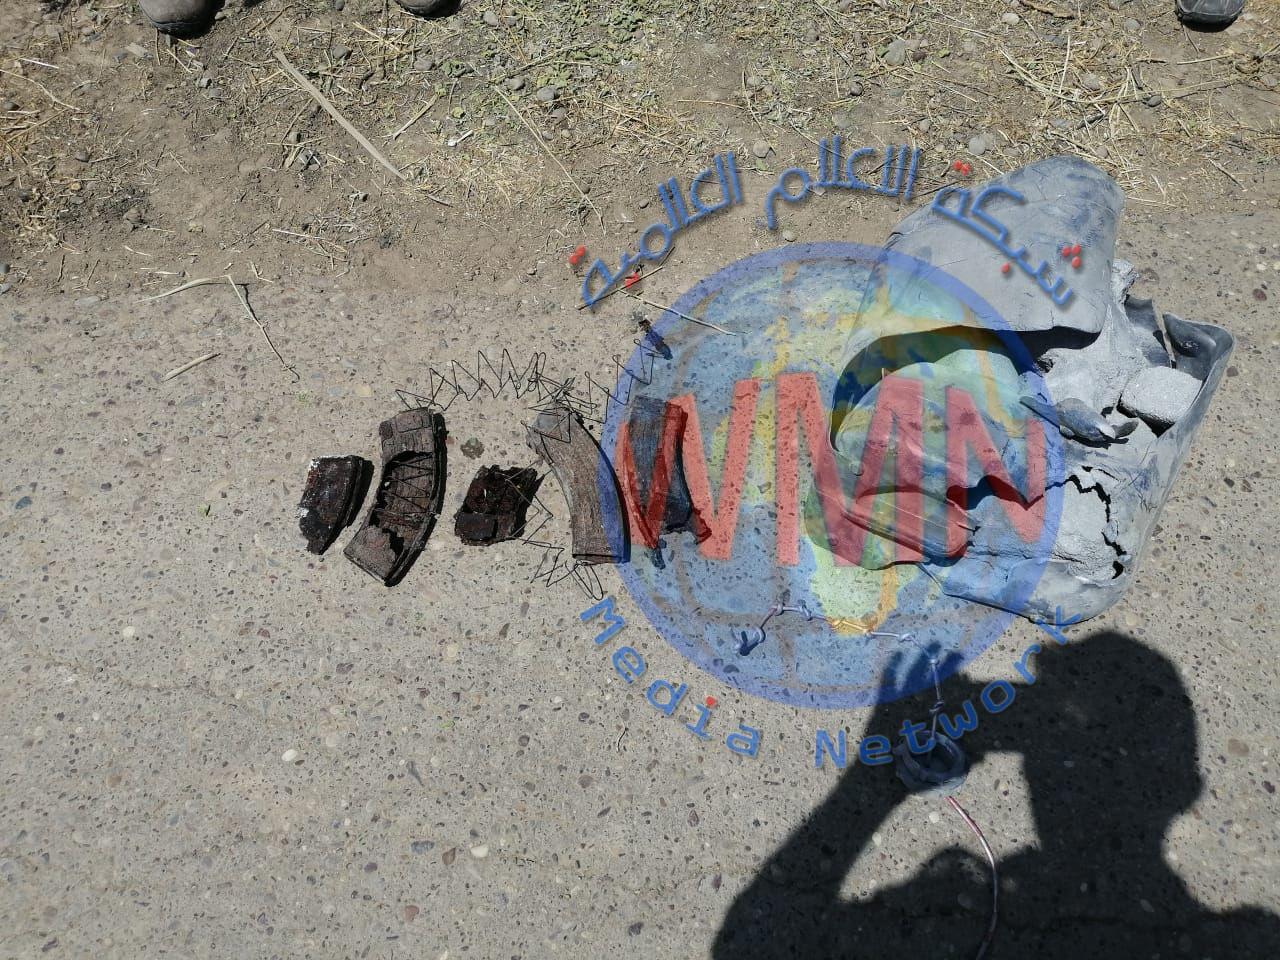 """اللواء 41 بالحشد الشعبي يعالج عبوة على شكل """"جلكان"""" جنوب سامراء"""